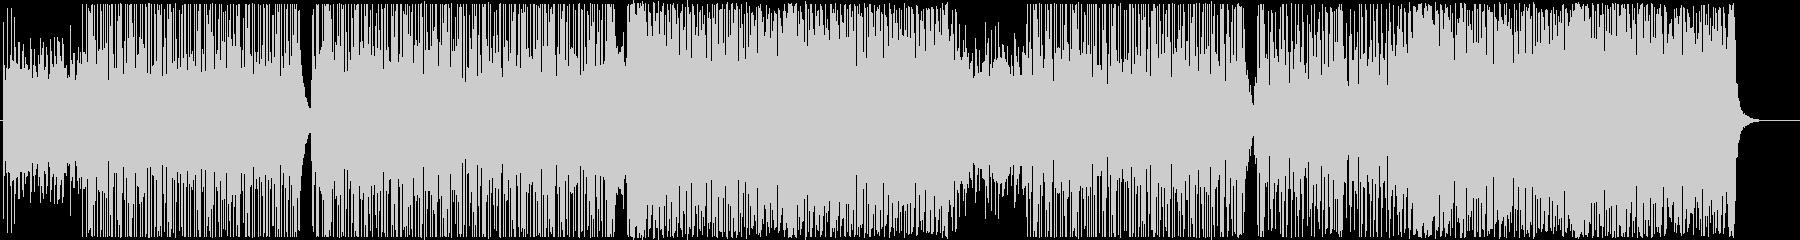 エモーショナル-PVなどエレクトロロックの未再生の波形